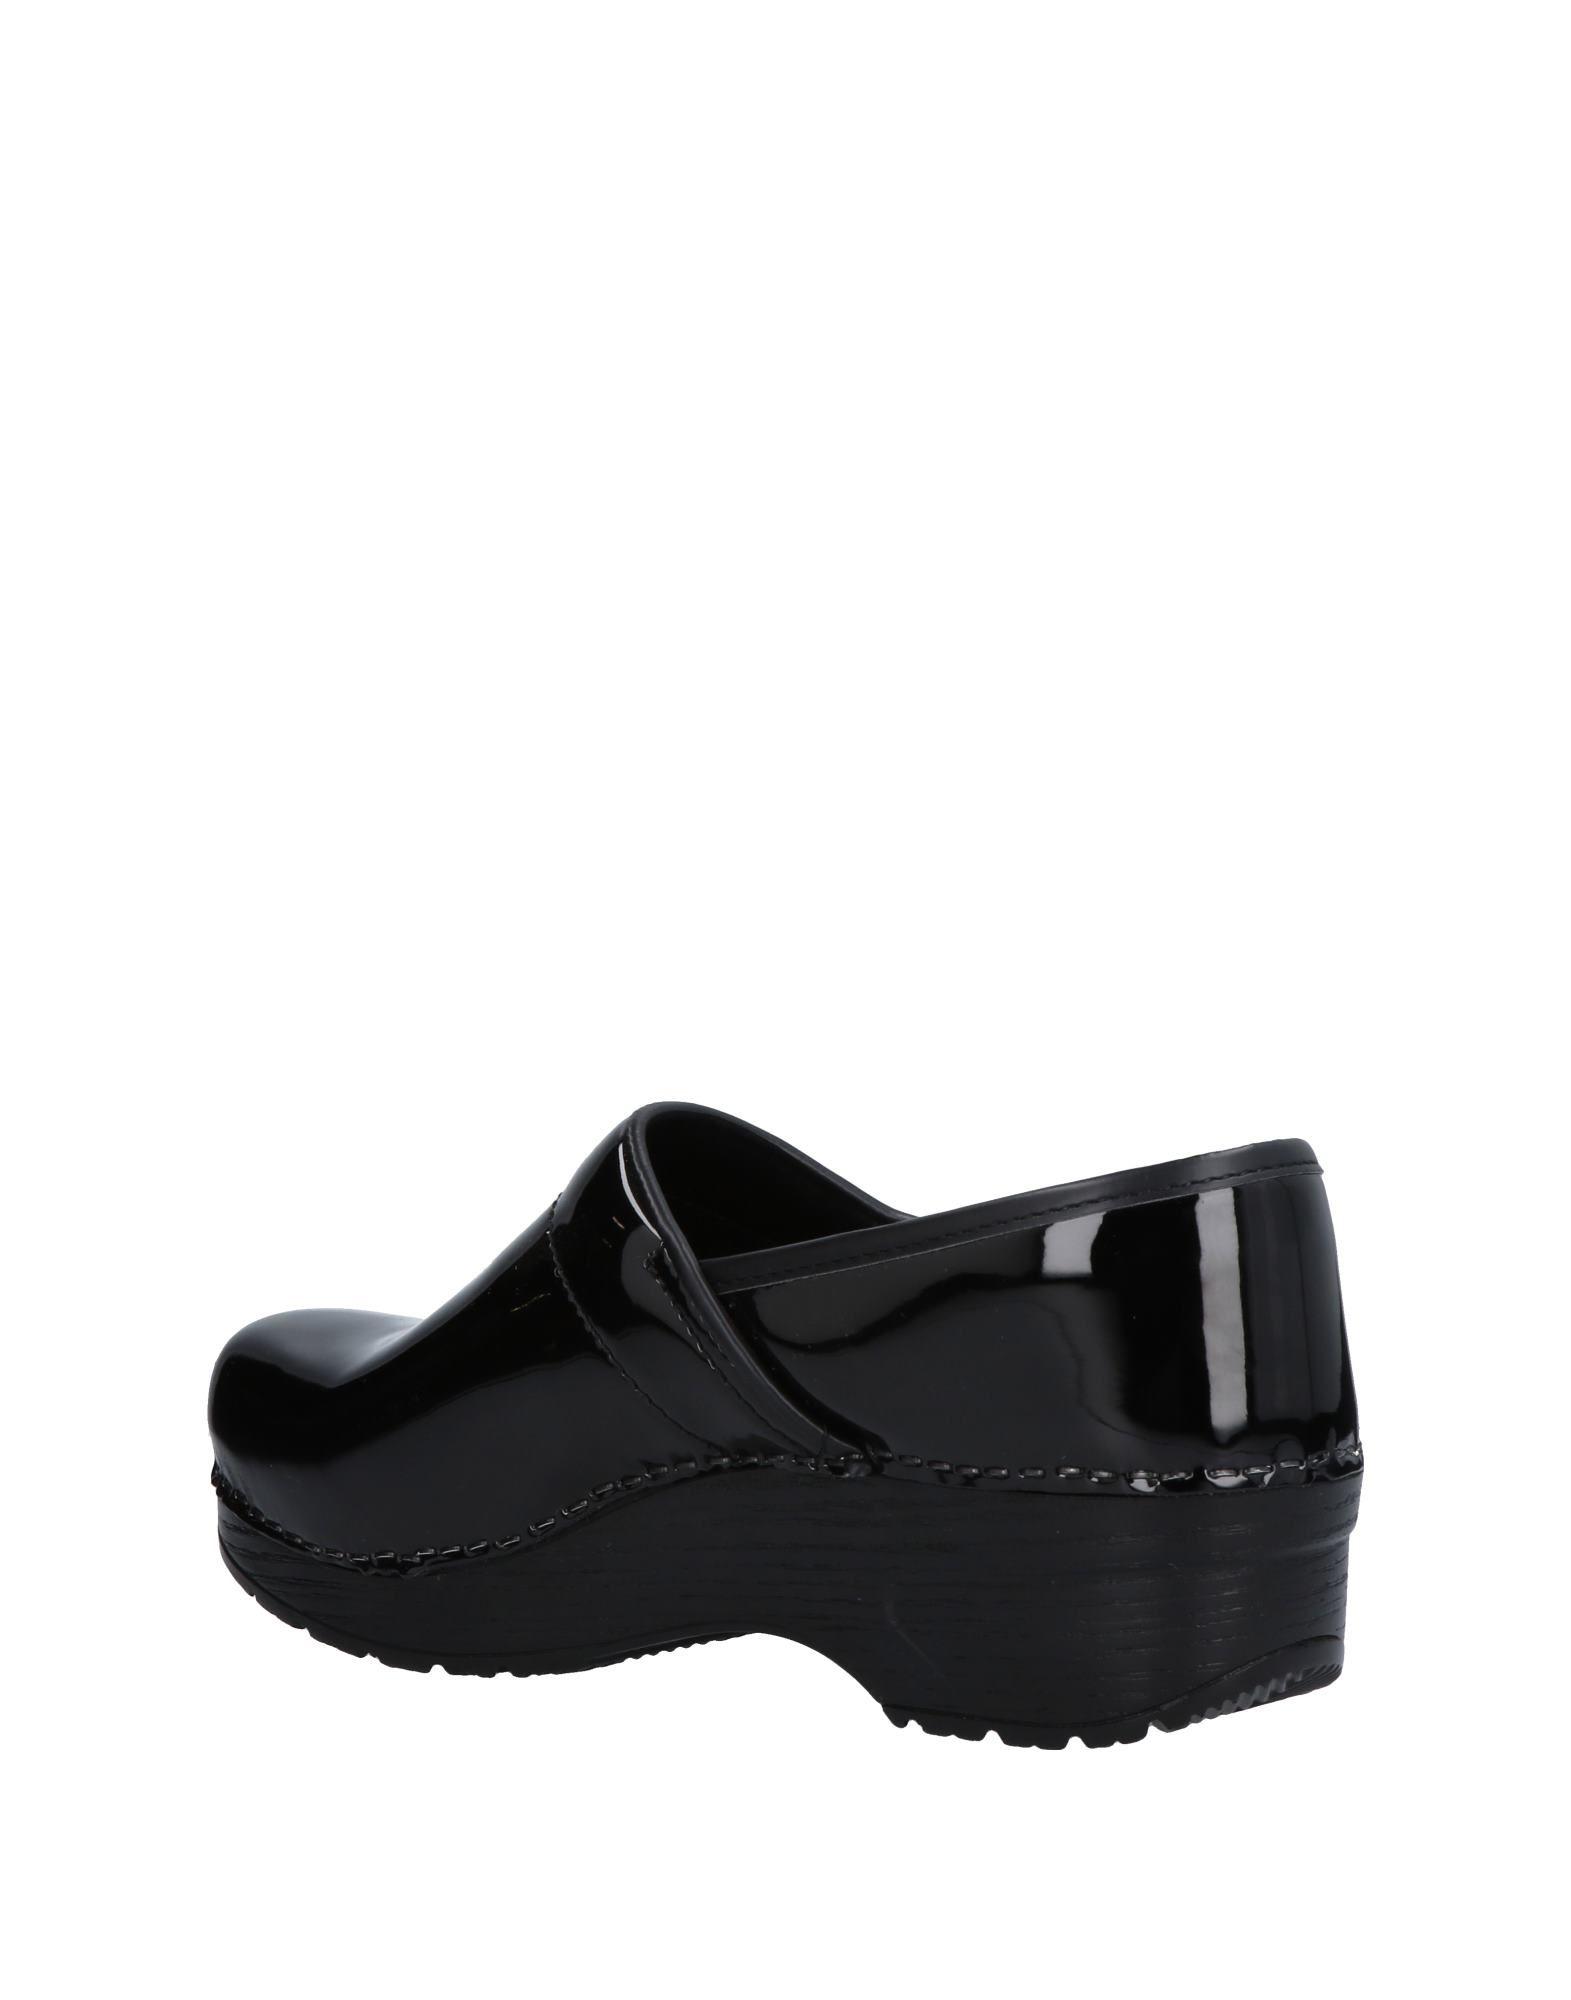 Hopla' Mokassins Damen  Schuhe 11474642LR Gute Qualität beliebte Schuhe  de6954